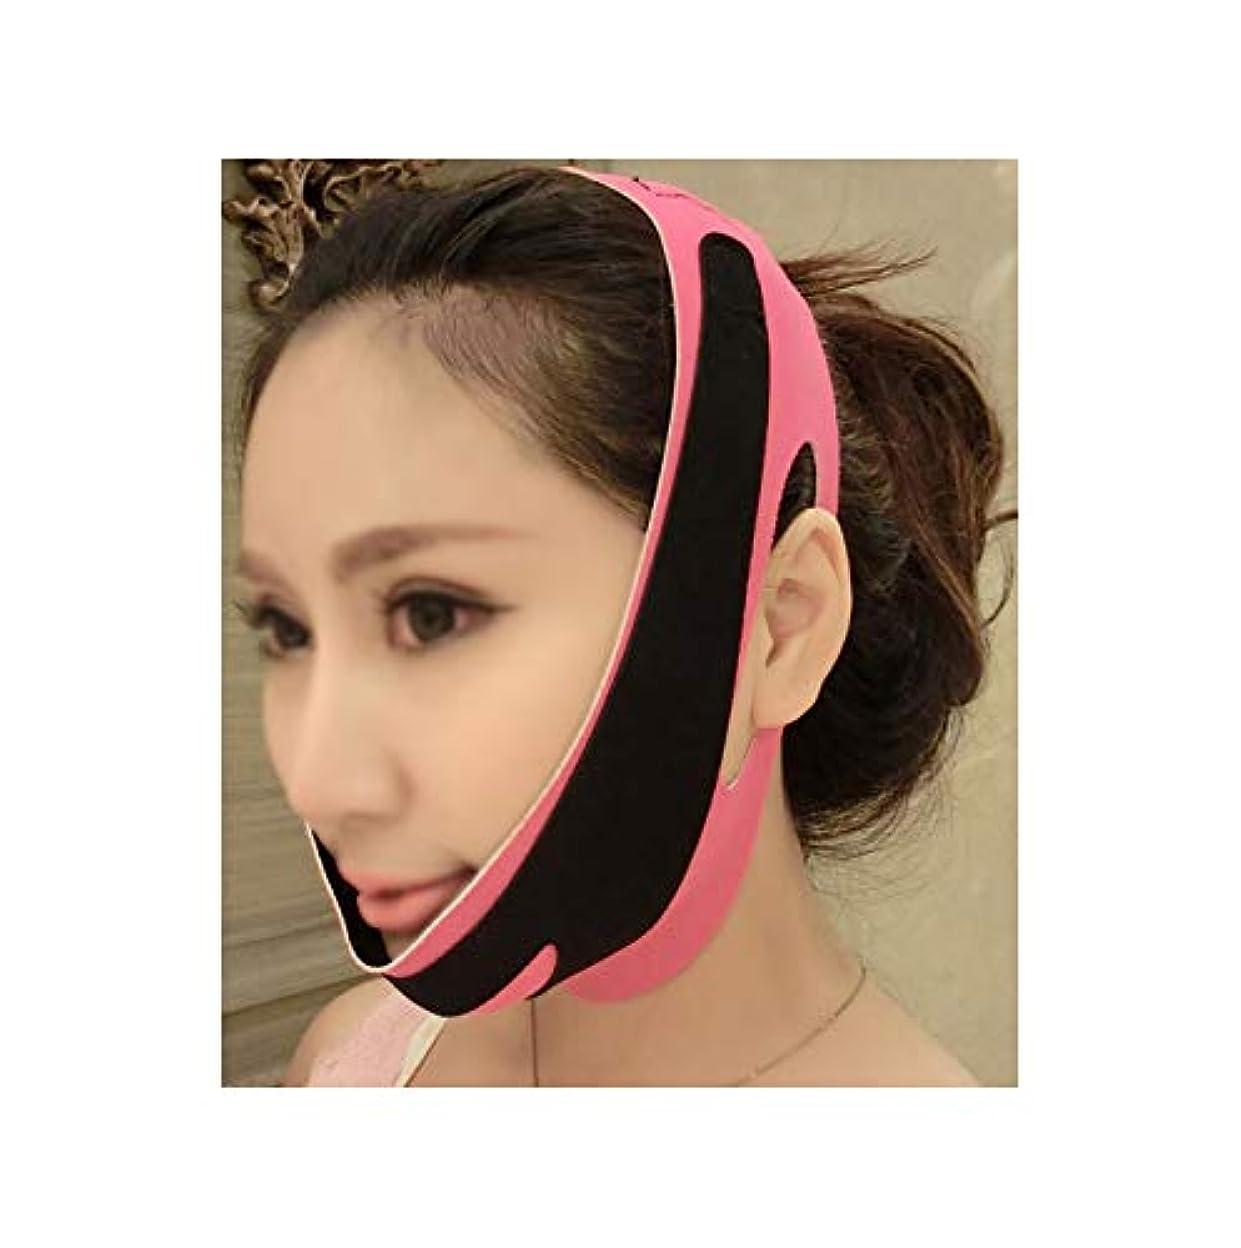 ナチュラル桁掃く薄い顔包帯フェイススリム二重あごを取り除くVラインの顔の形を作成する頬チークリフトアップアンチリンクルリフティングベルトフェイスマッサージツール女性と女の子用(3フェイス包帯)